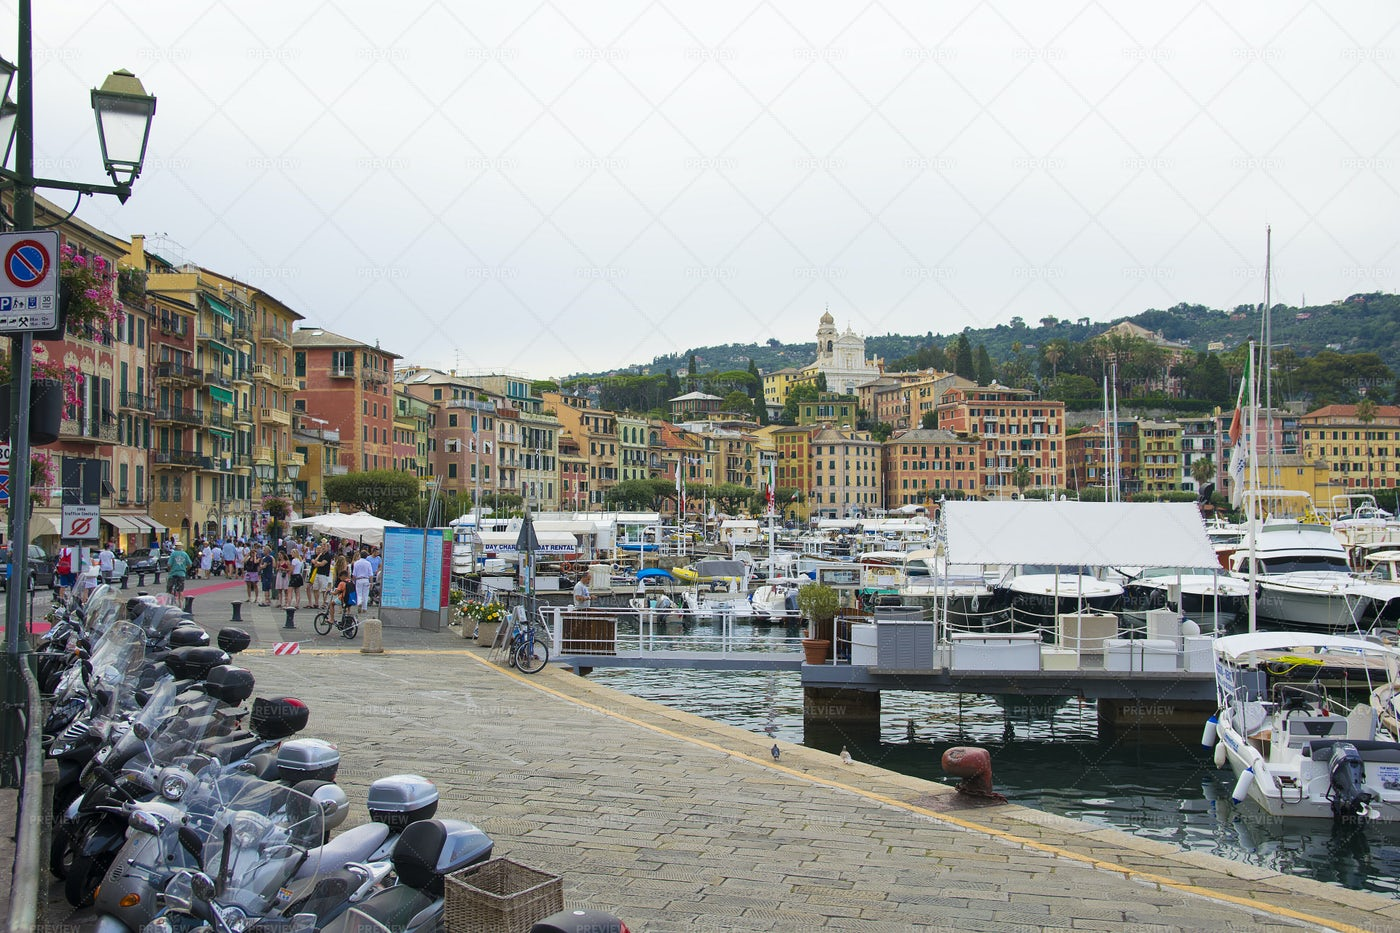 Village Of Portofino: Stock Photos